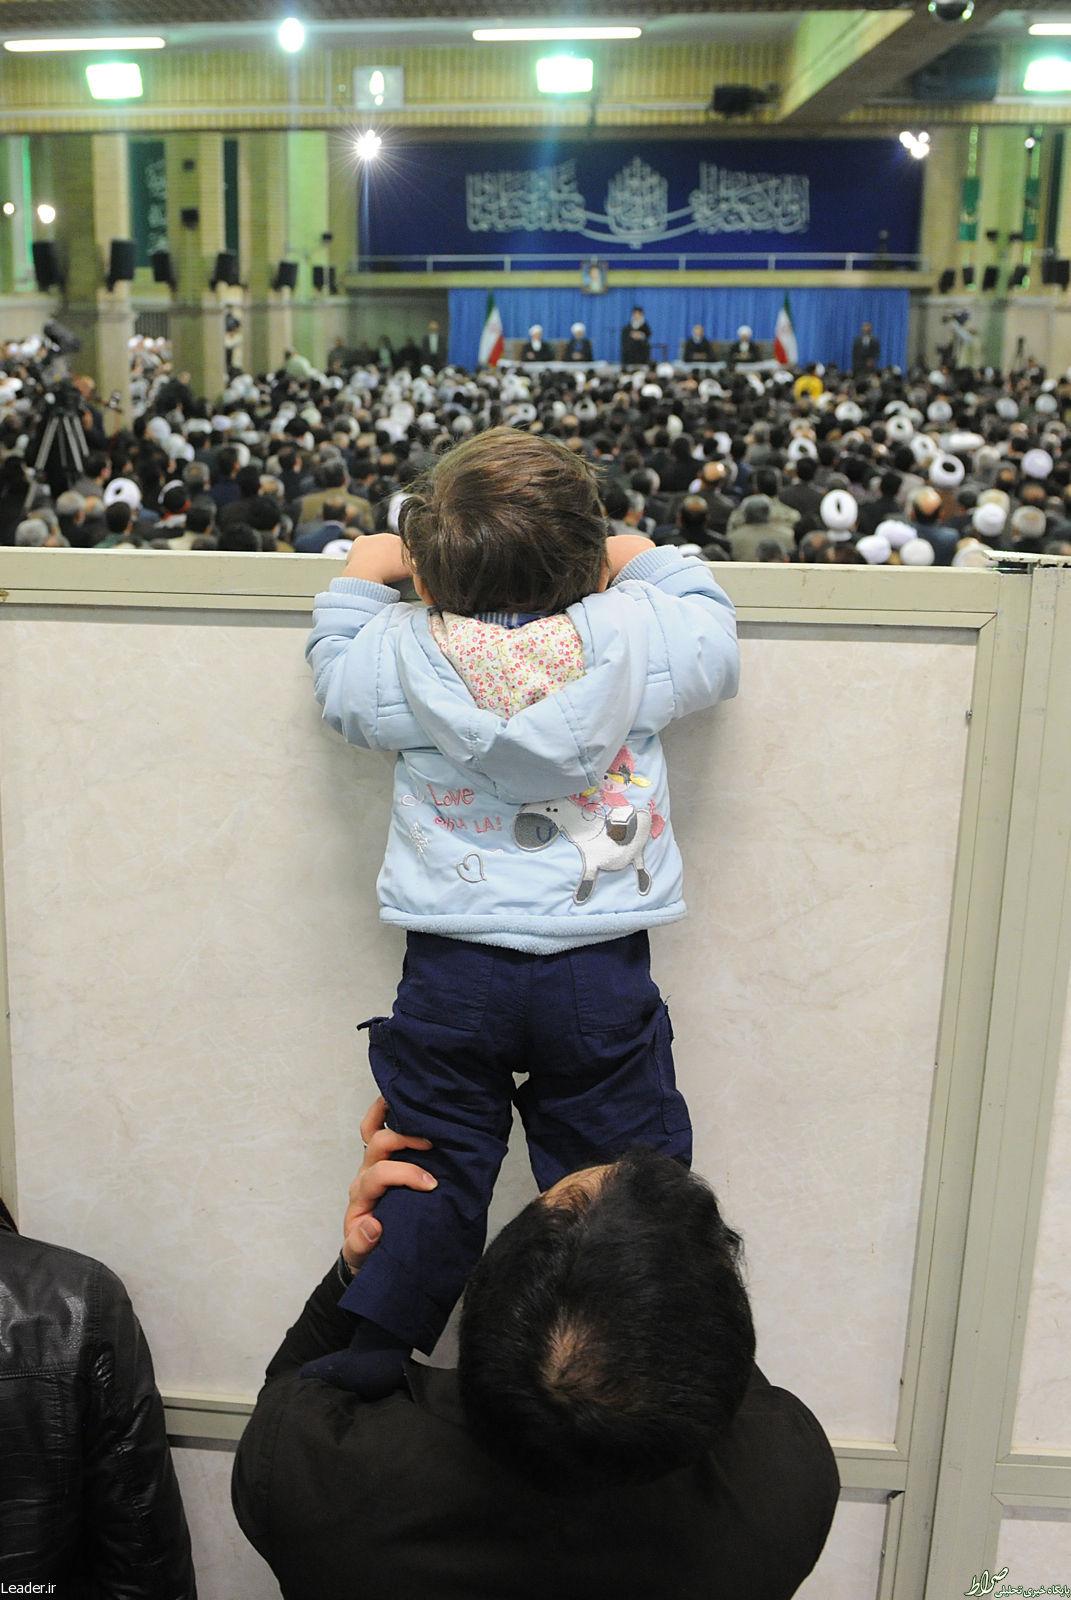 عکس/ تلاش جالب یک کودک برای دیدن رهبر انقلاب